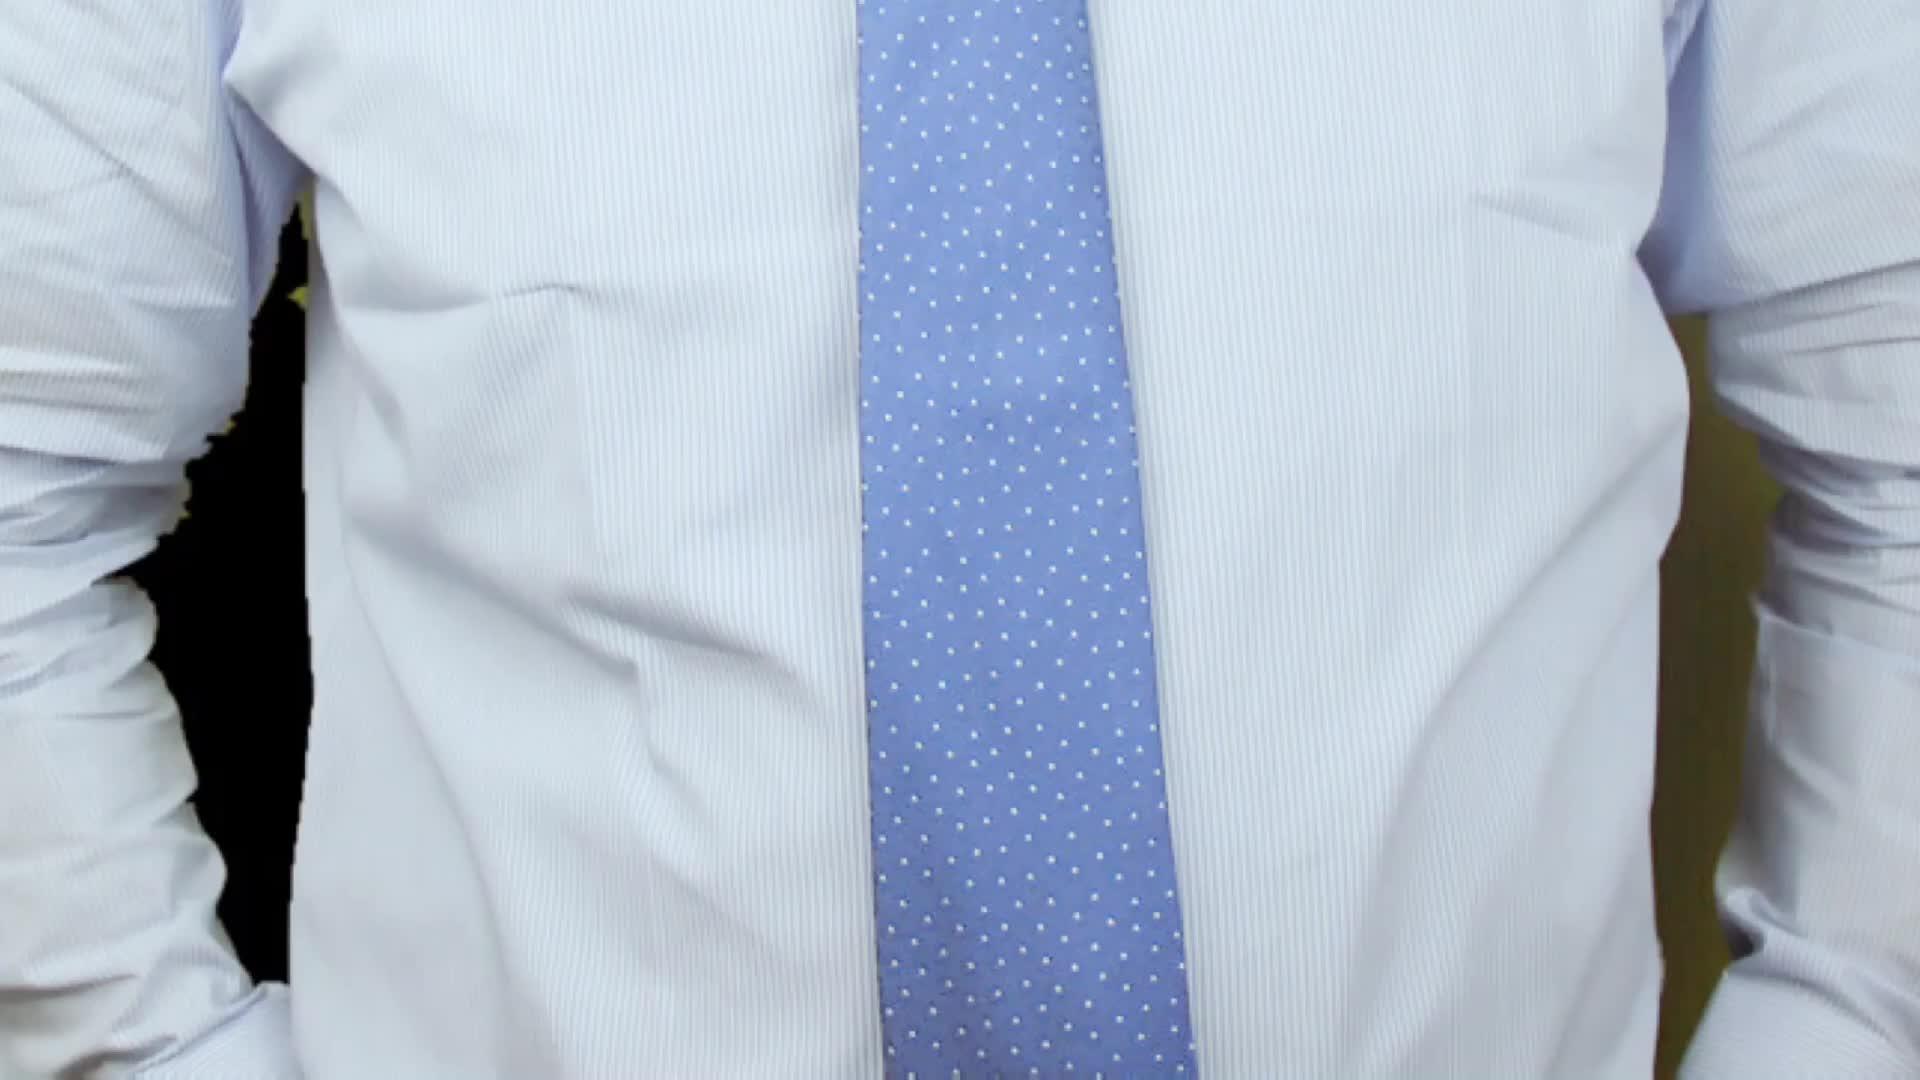 純粋な白 120's クラシックフィットピン襟メンズシャツ